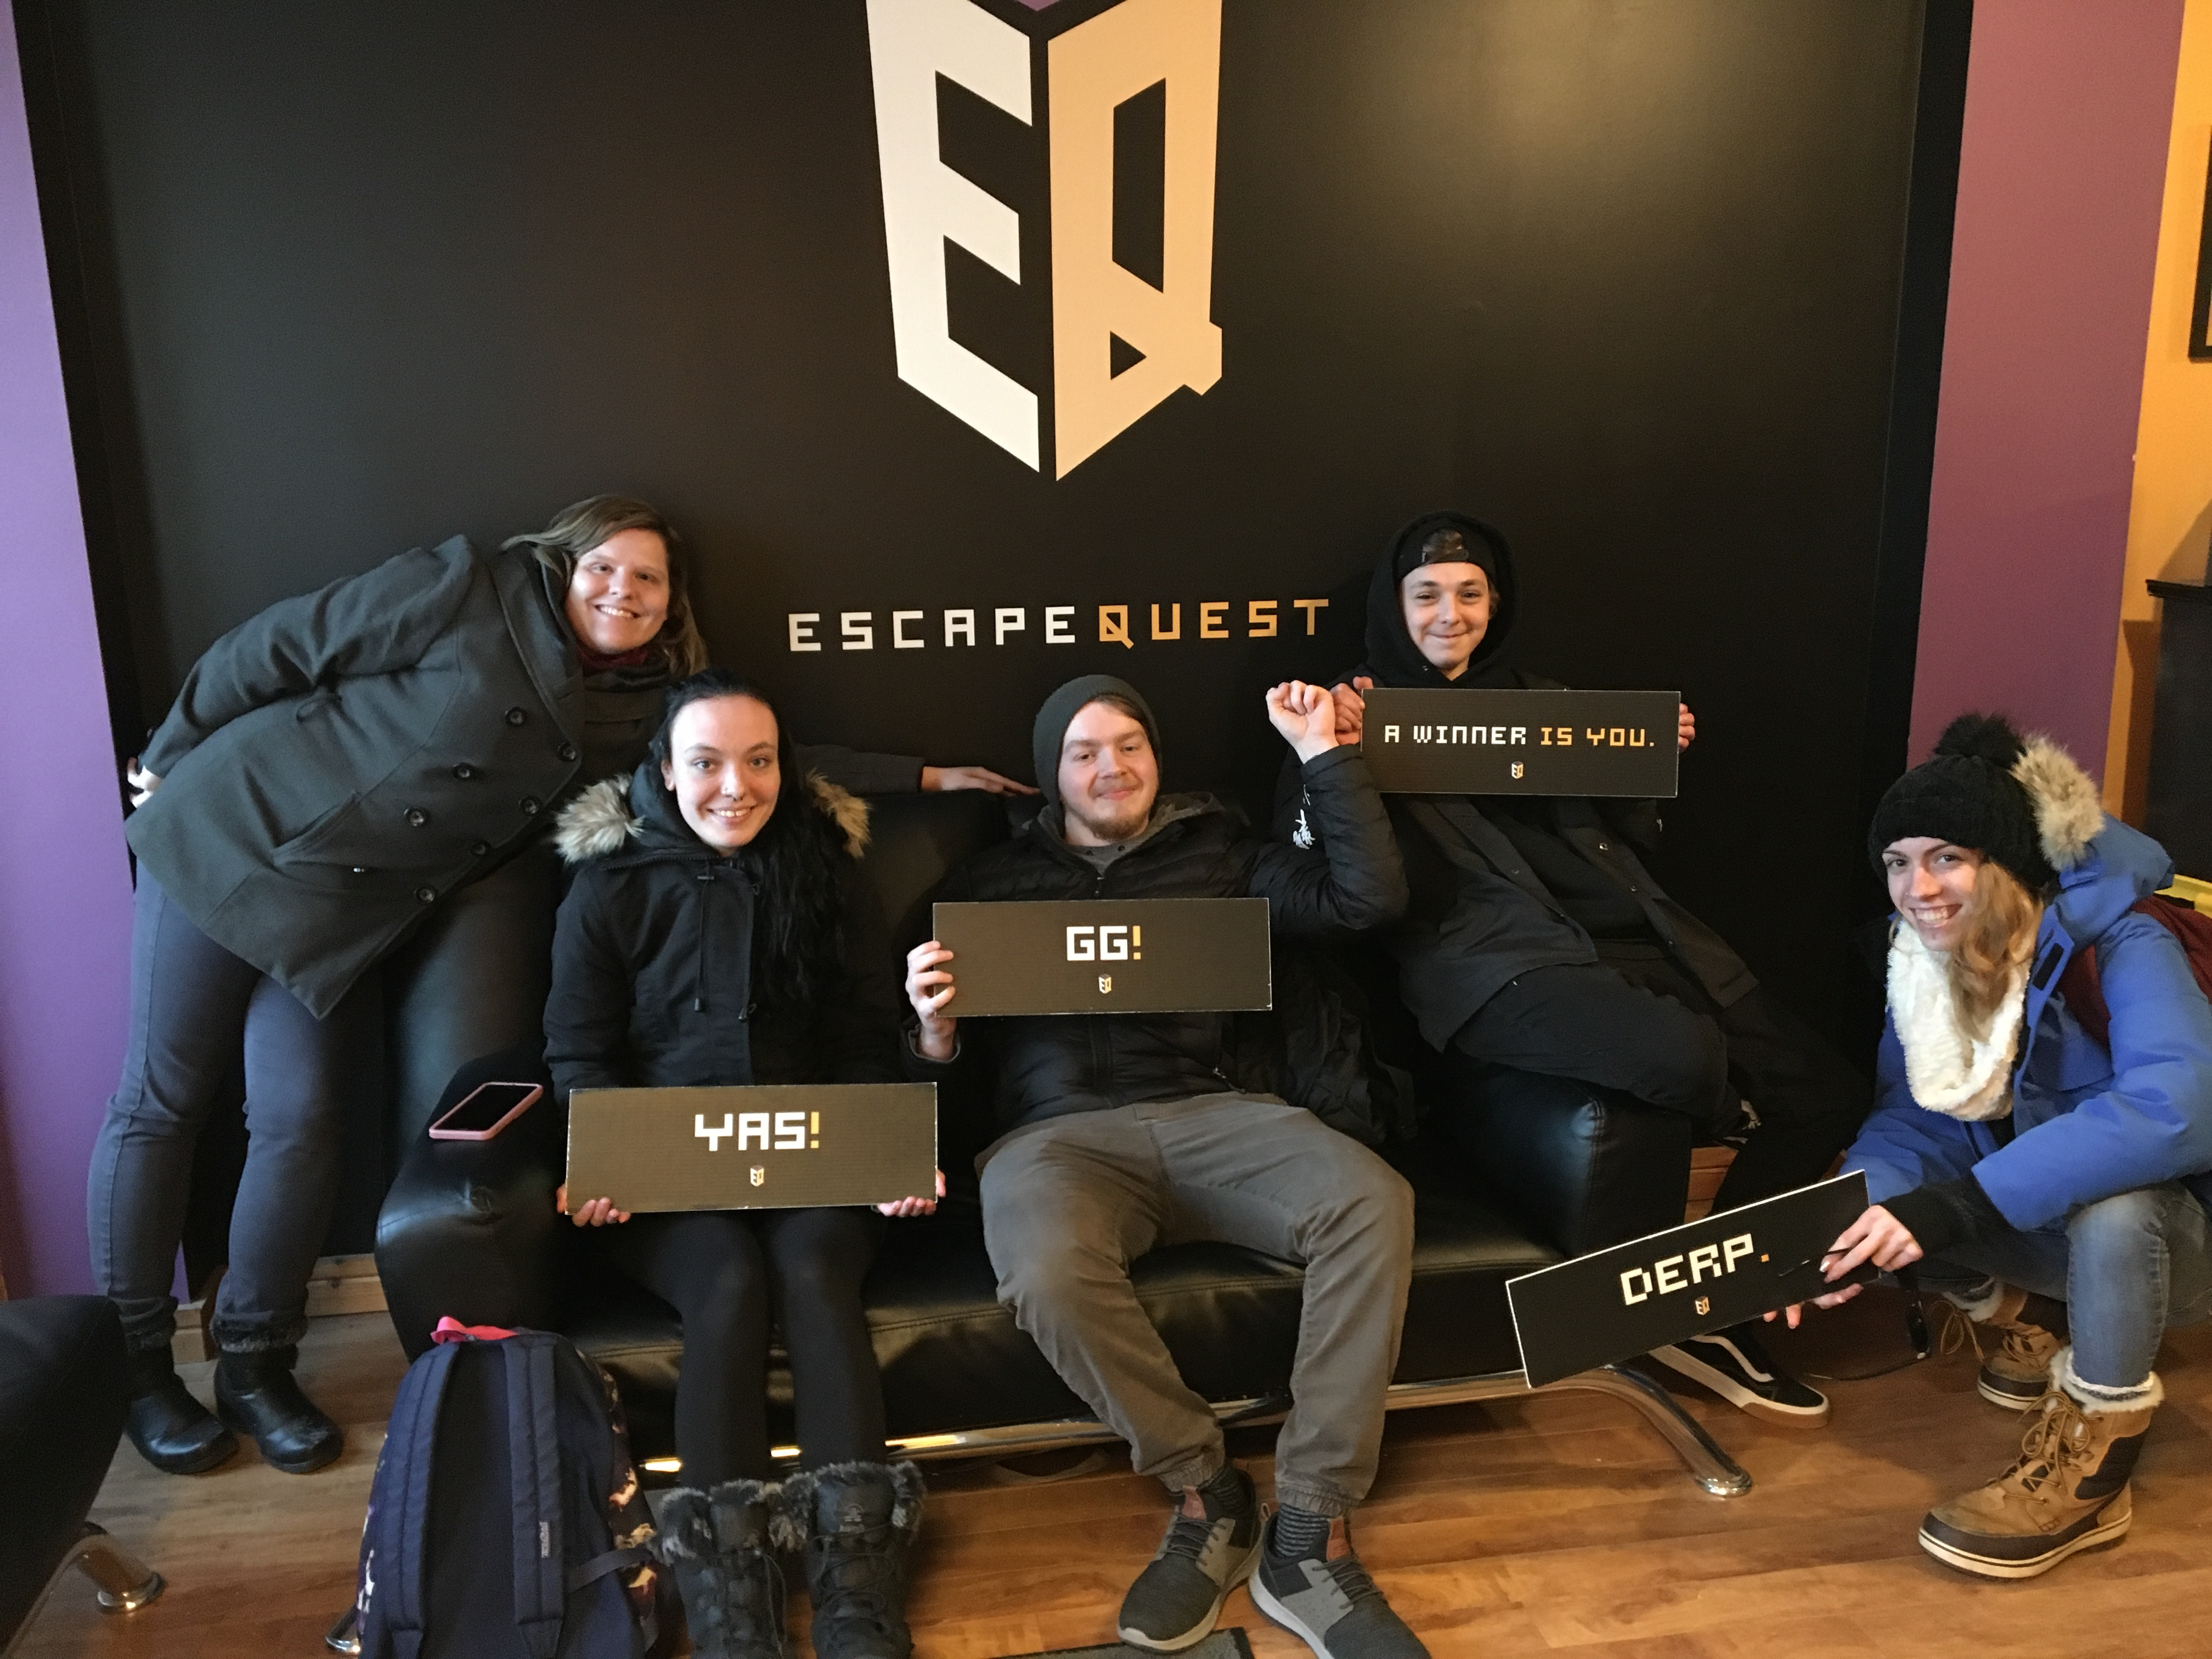 escapequest1